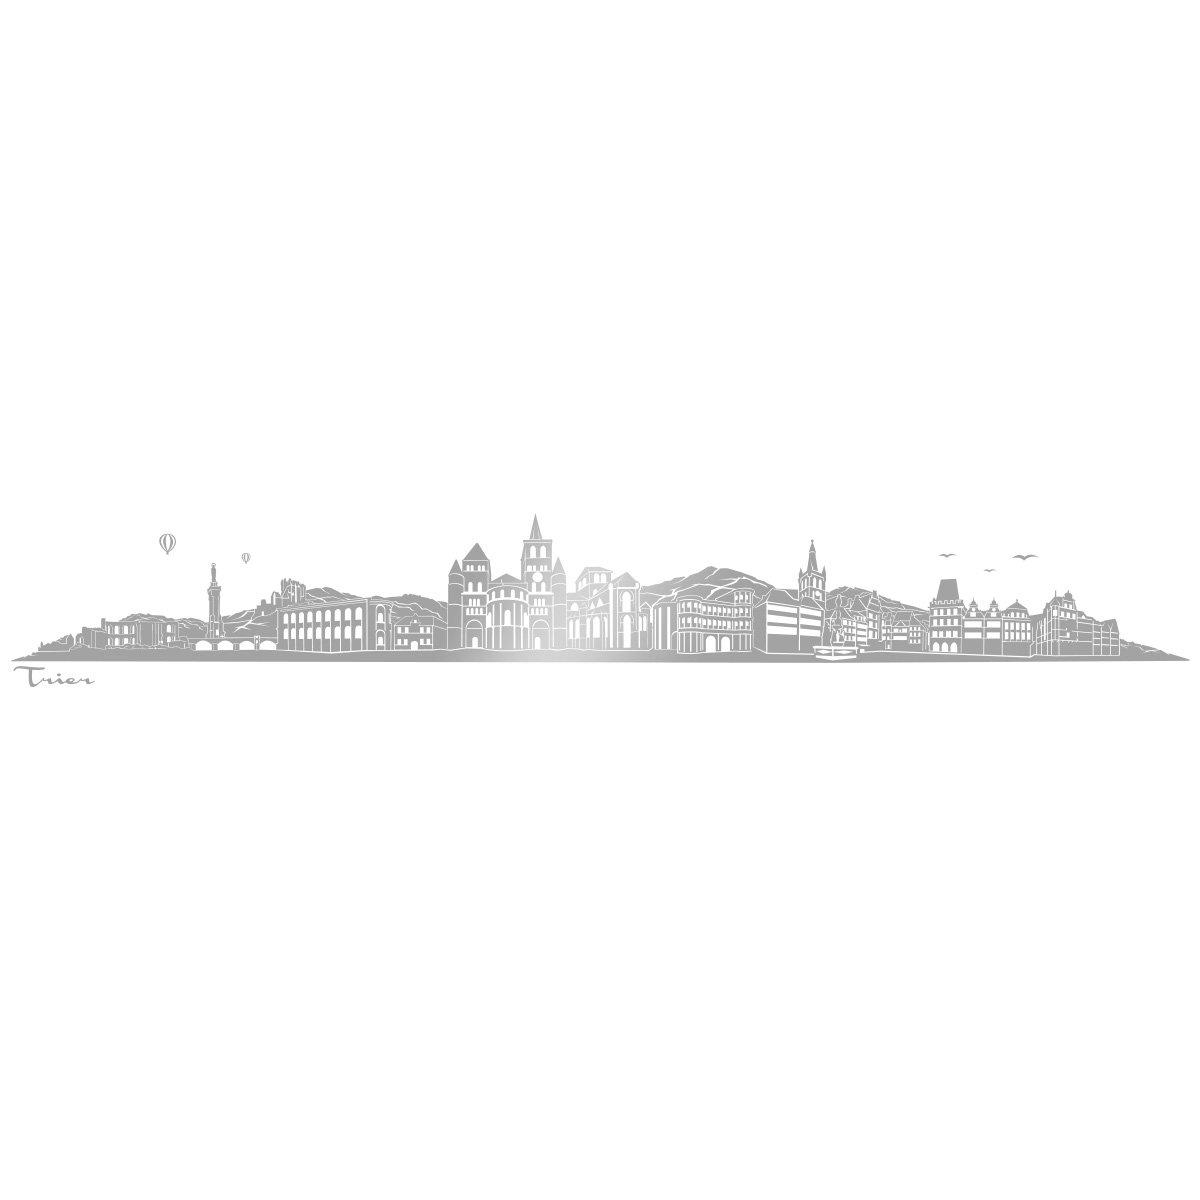 WANDKINGS WANDKINGS WANDKINGS Wandtattoo - Skyline Trier (ohne Fluss) - 240 x 36 cm - Schwarz - Wähle aus 6 Größen & 35 Farben B078SFVZQJ Wandtattoos & Wandbilder 4052f7